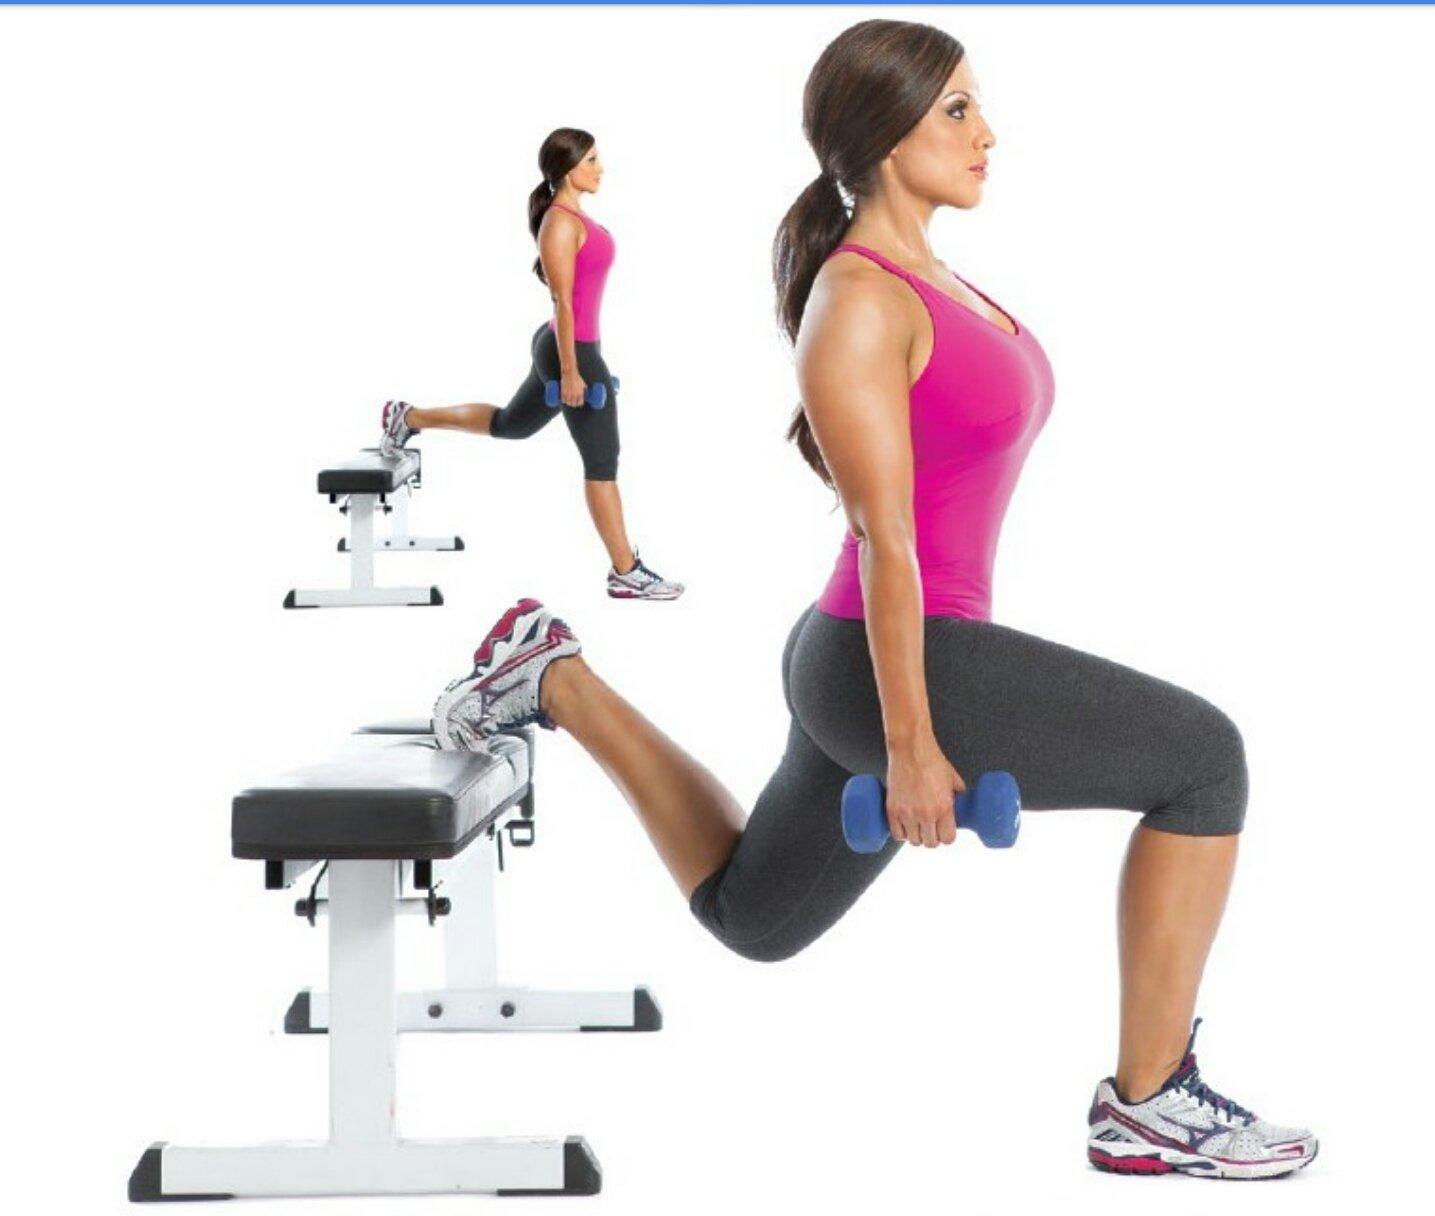 Упражнения на стульях в домашних условиях